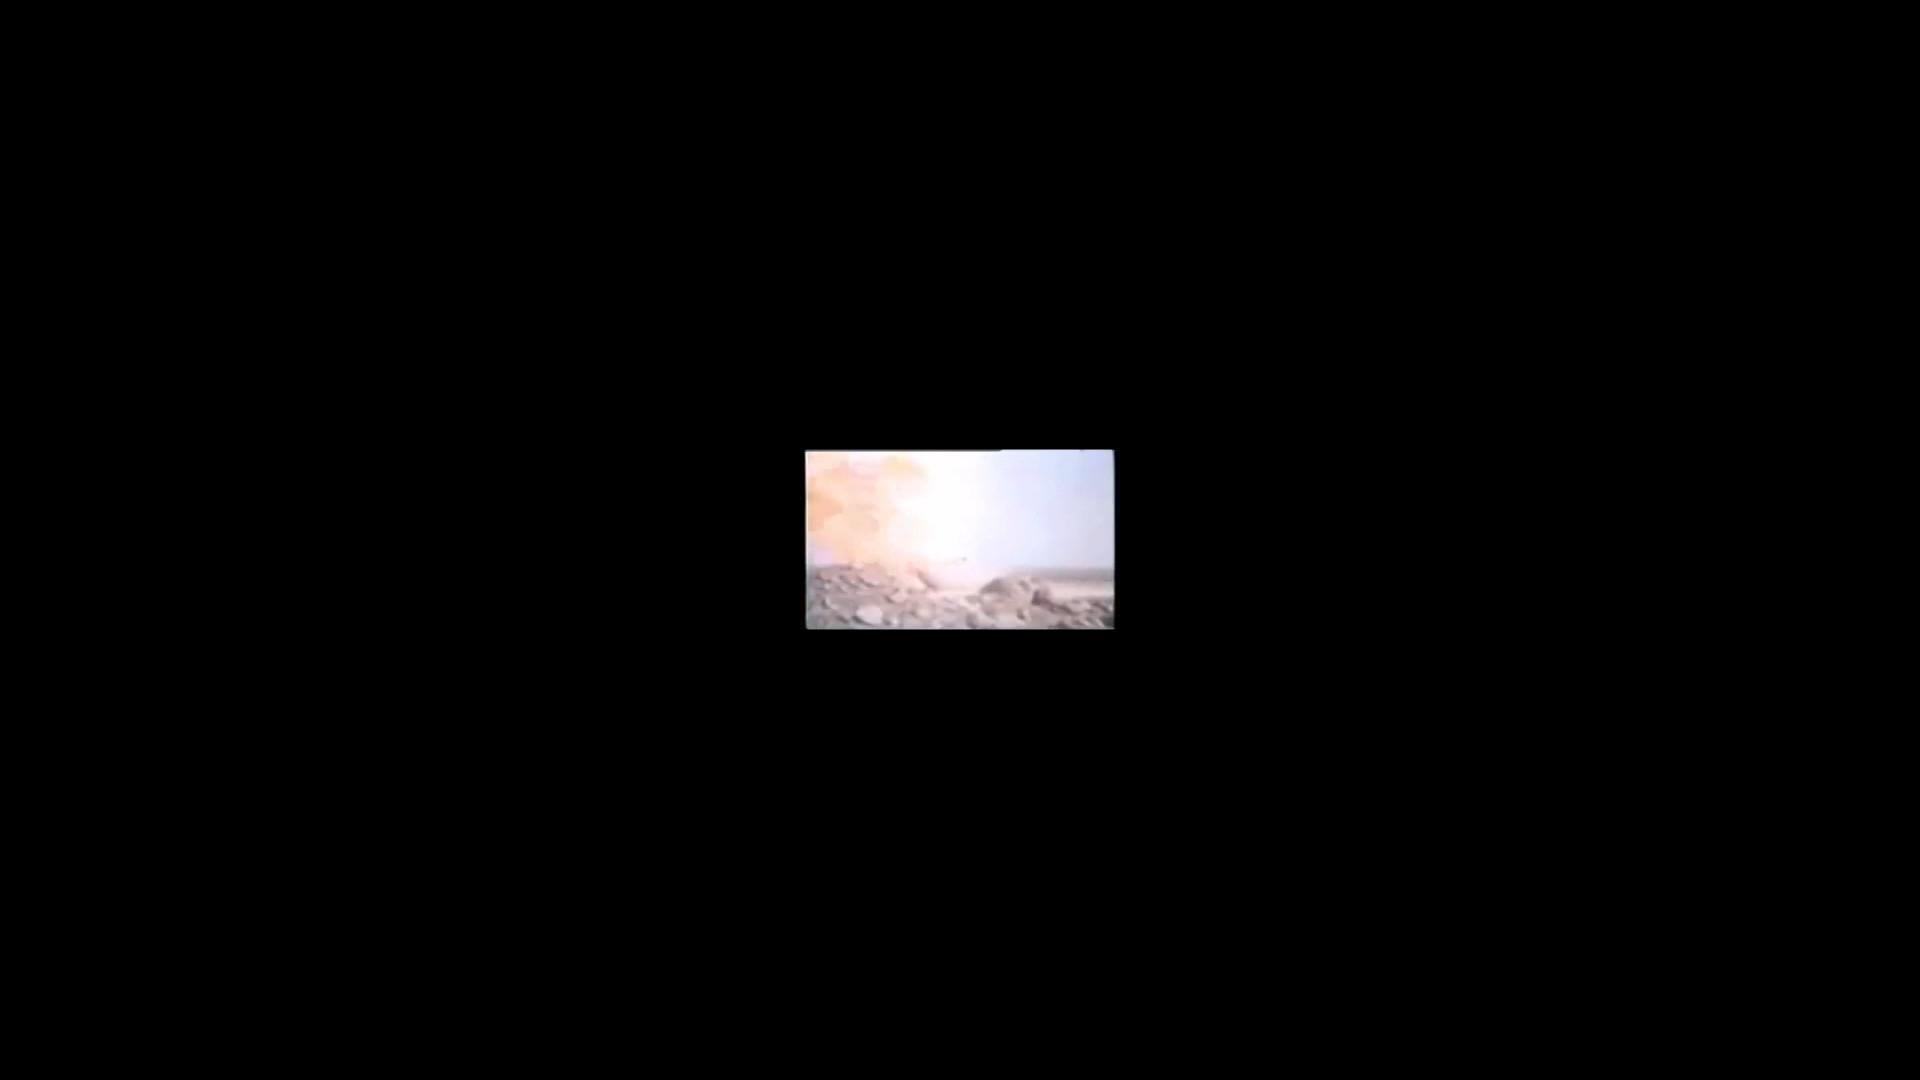 Sequence 02_2.00_00_17_17.Still012.jpg